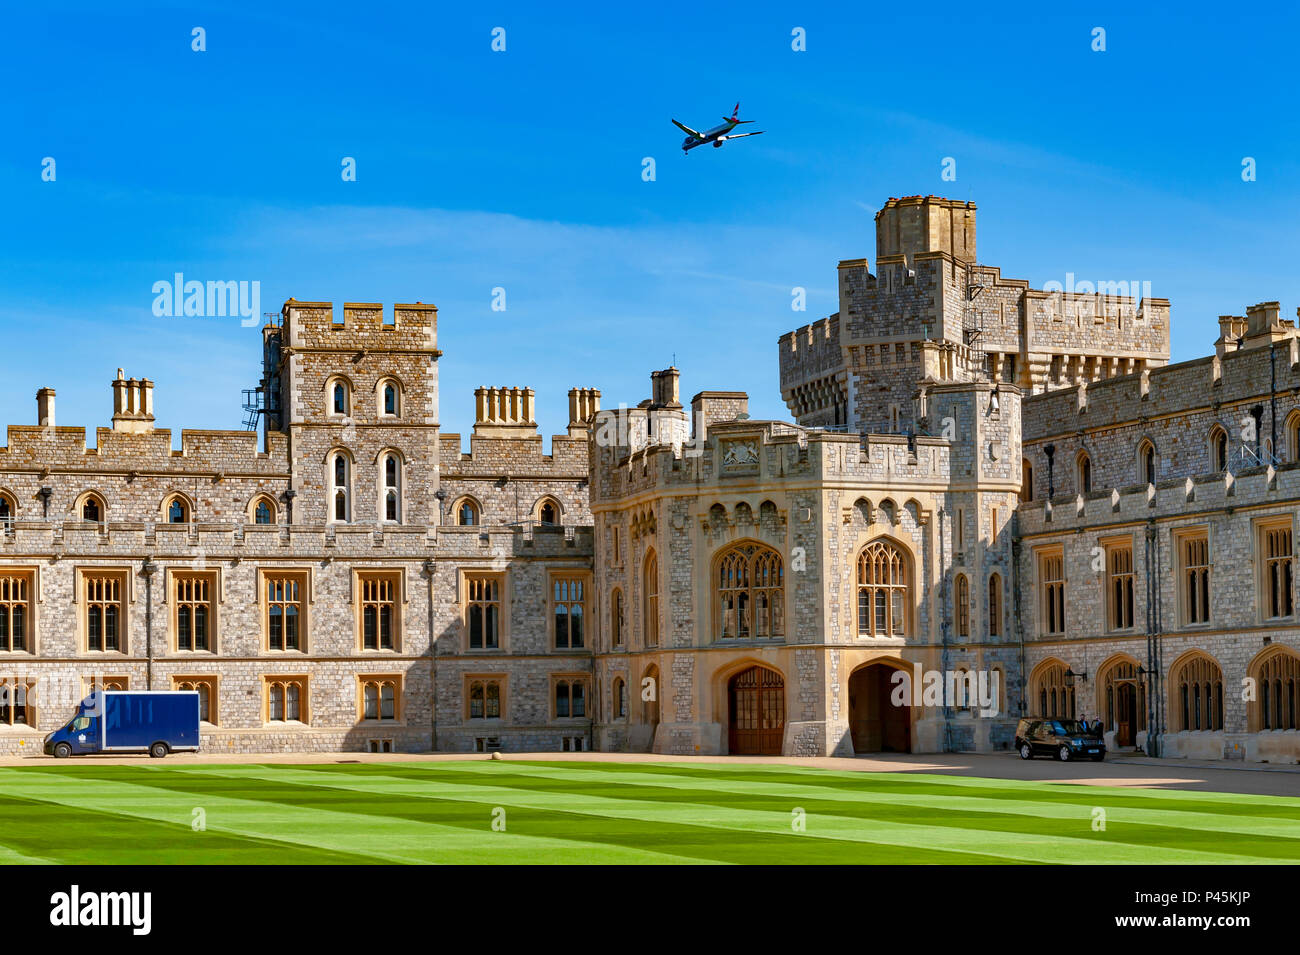 Flugzeug über eine Gruppe von Gebäuden im Schloss Windsor, eine königliche Residenz im Windsor in der Grafschaft Berkshire, England, UK Flying Stockbild